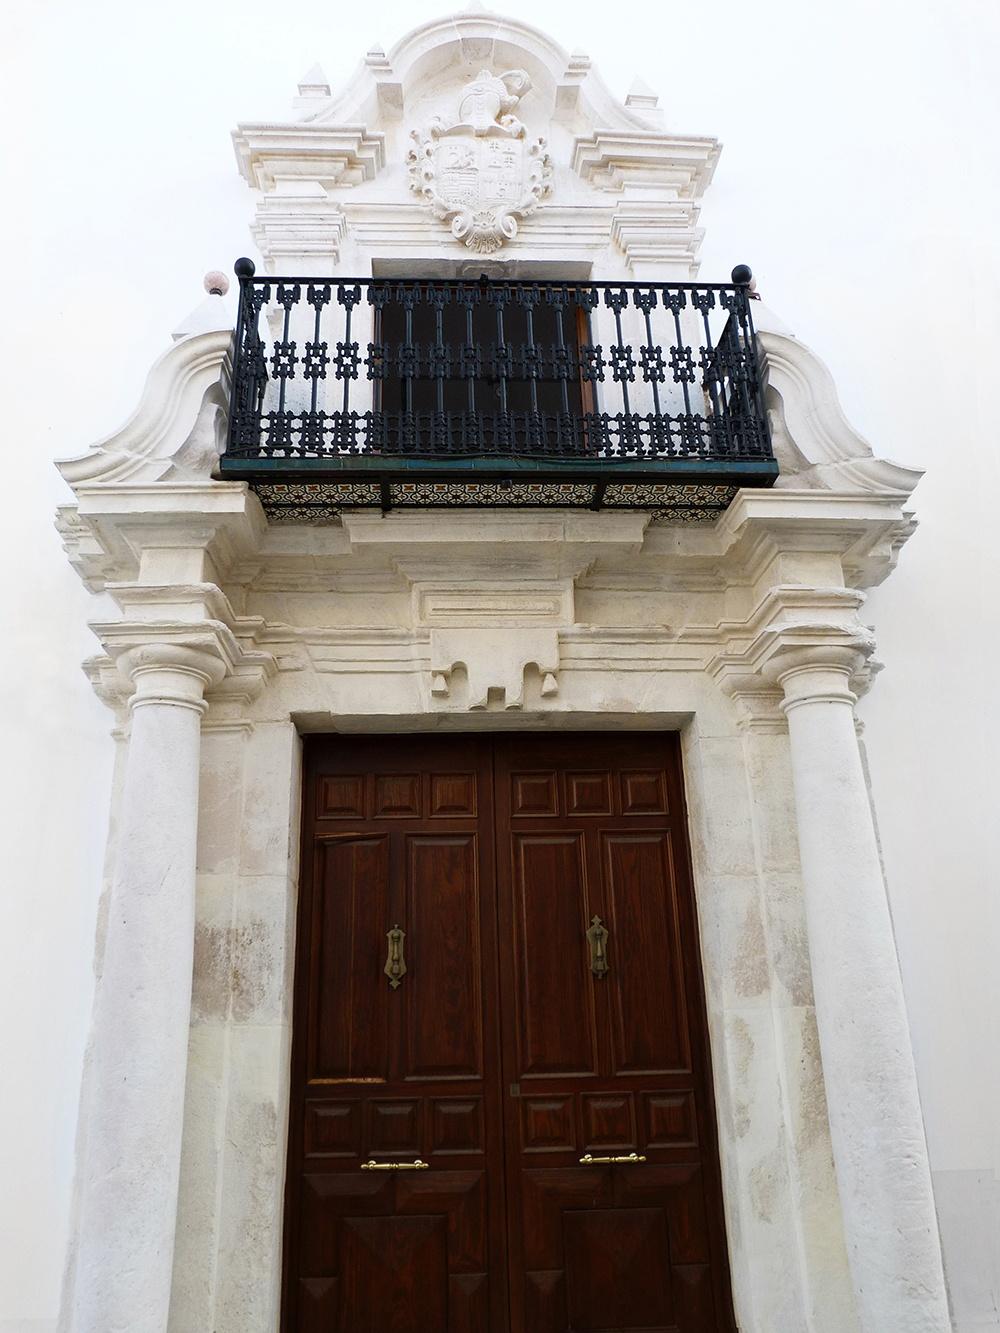 Foto de la fachada del mueso casa de las columnas